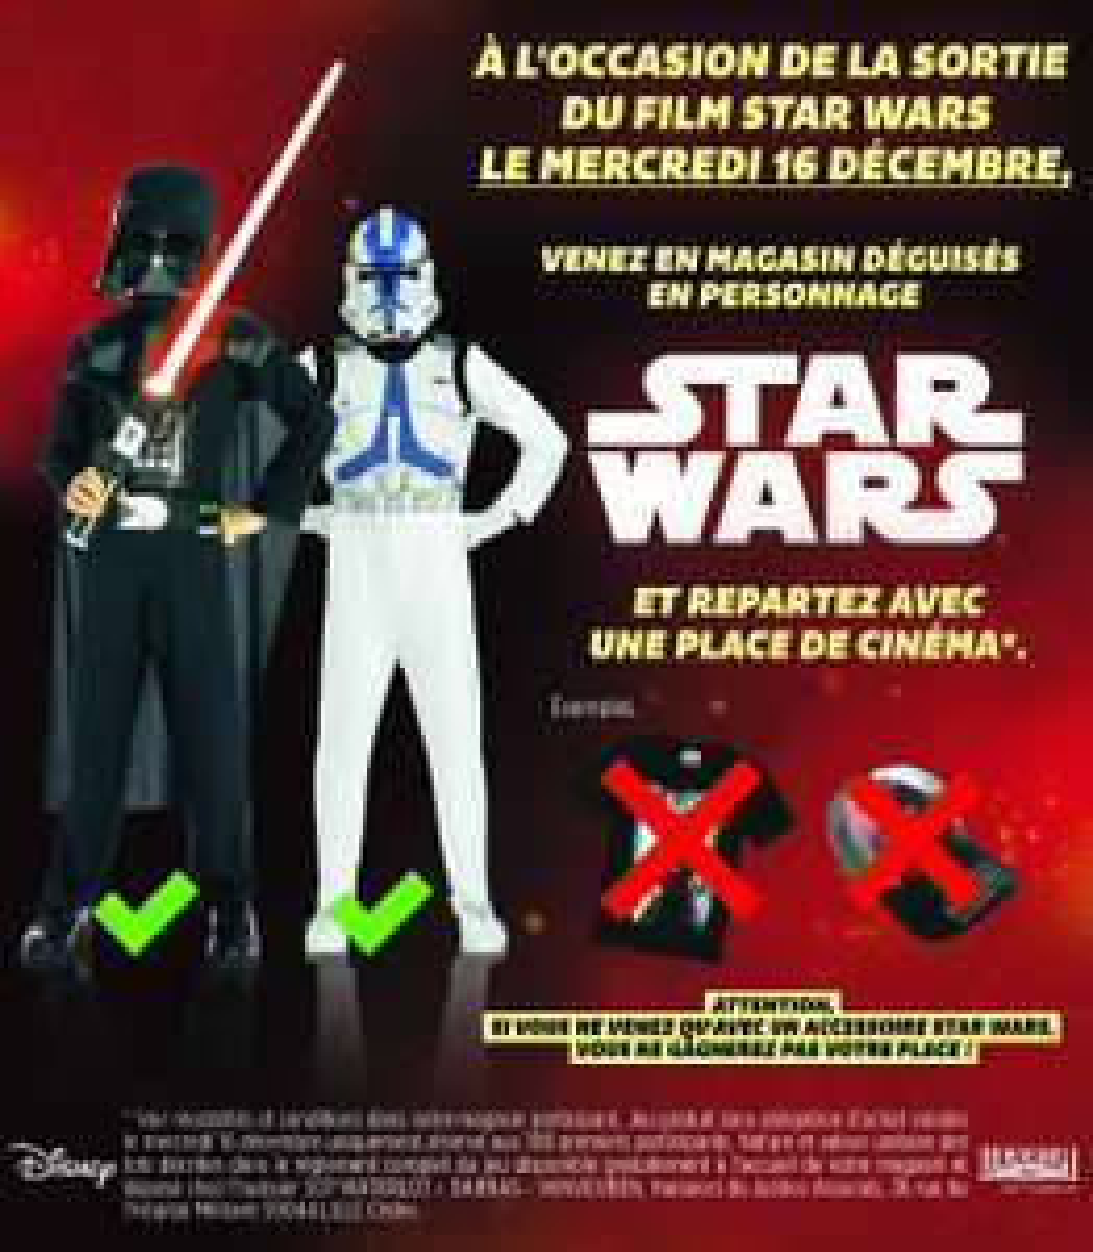 1 place de cinéma offerte en venant déguisé en personnage Star Wars